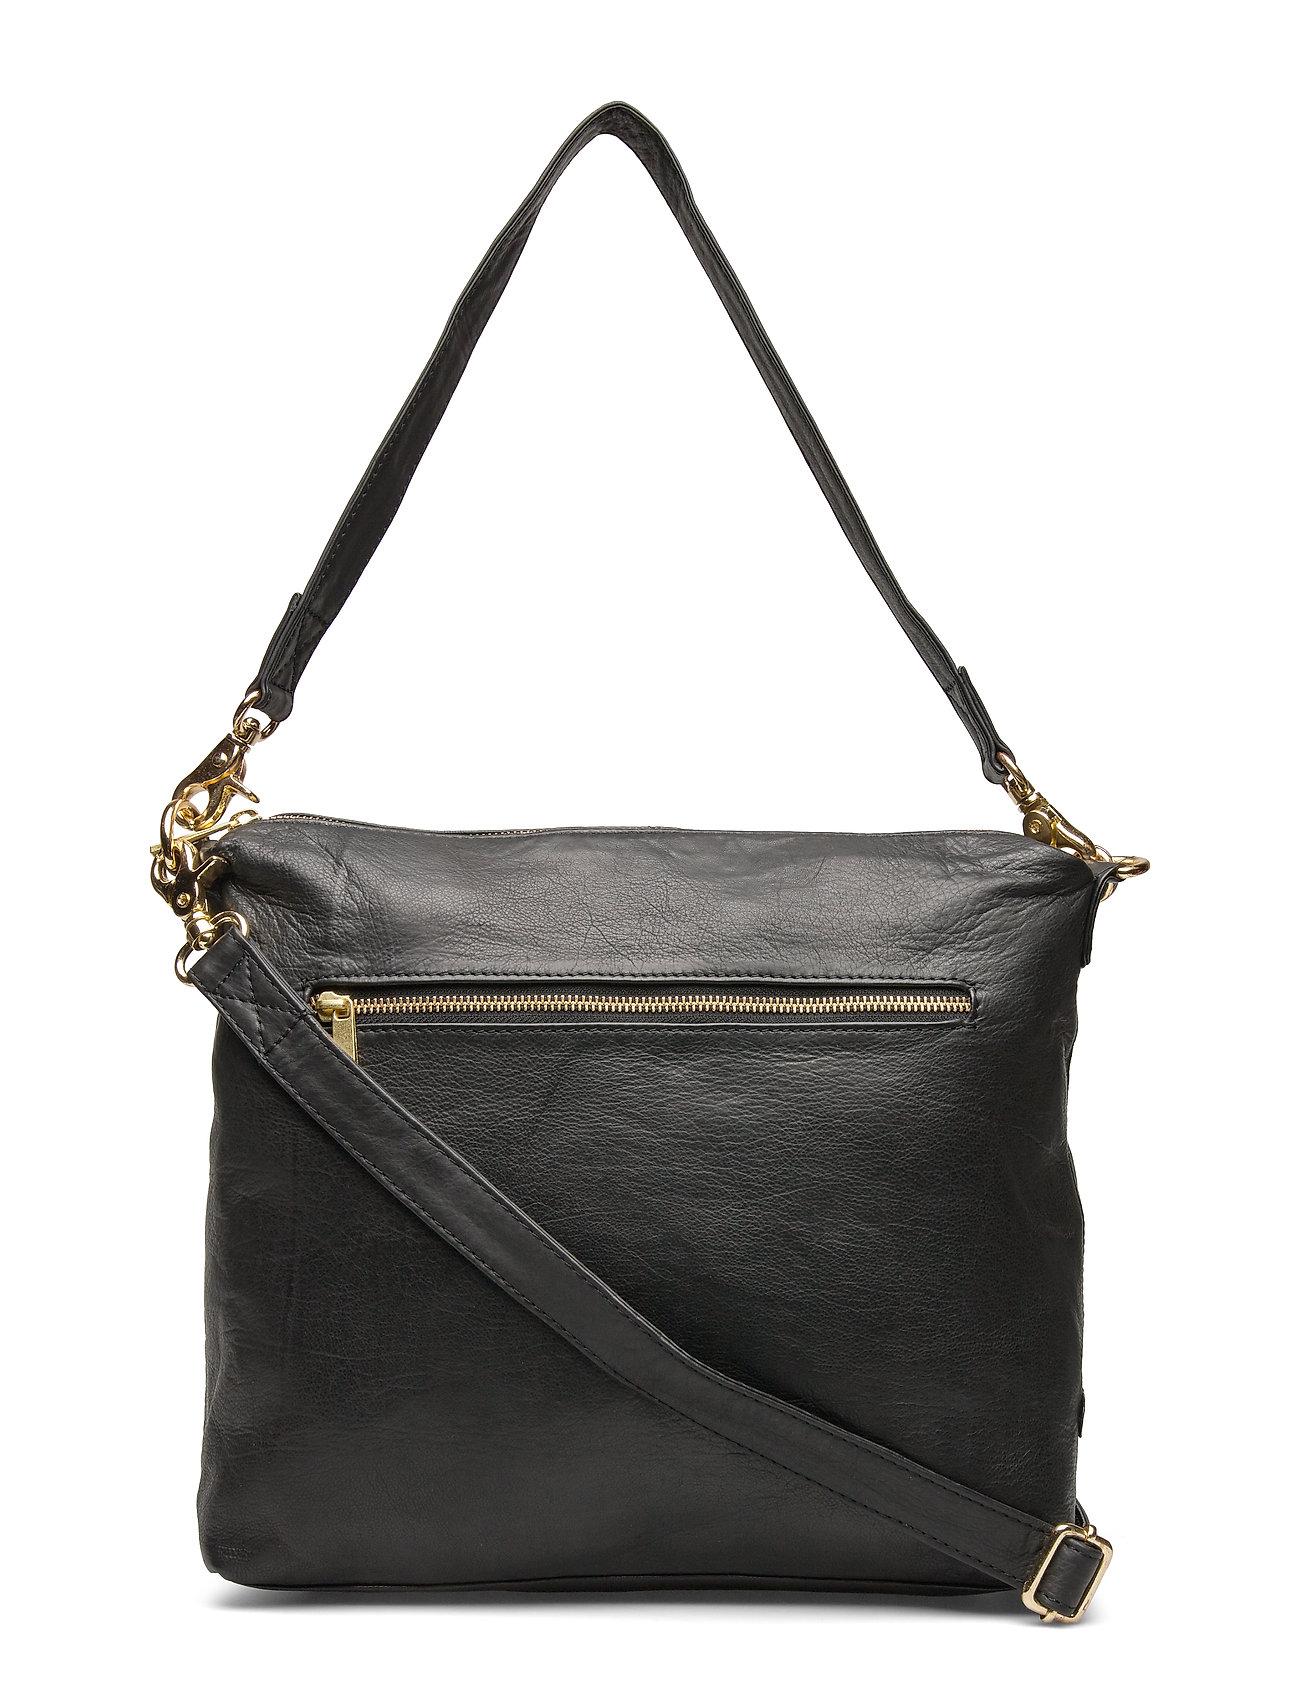 DEPECHE Medium bag - BLACK (NERO)